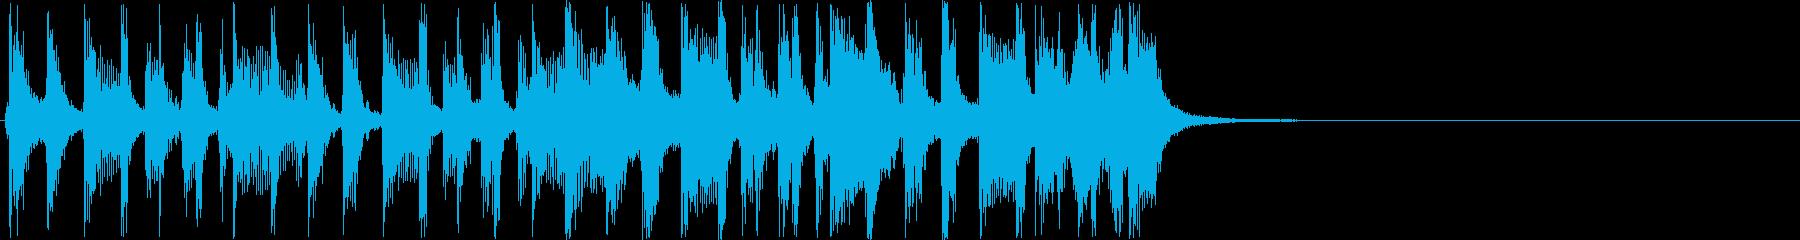 【ジングル】アコースティクバンド元気明るの再生済みの波形